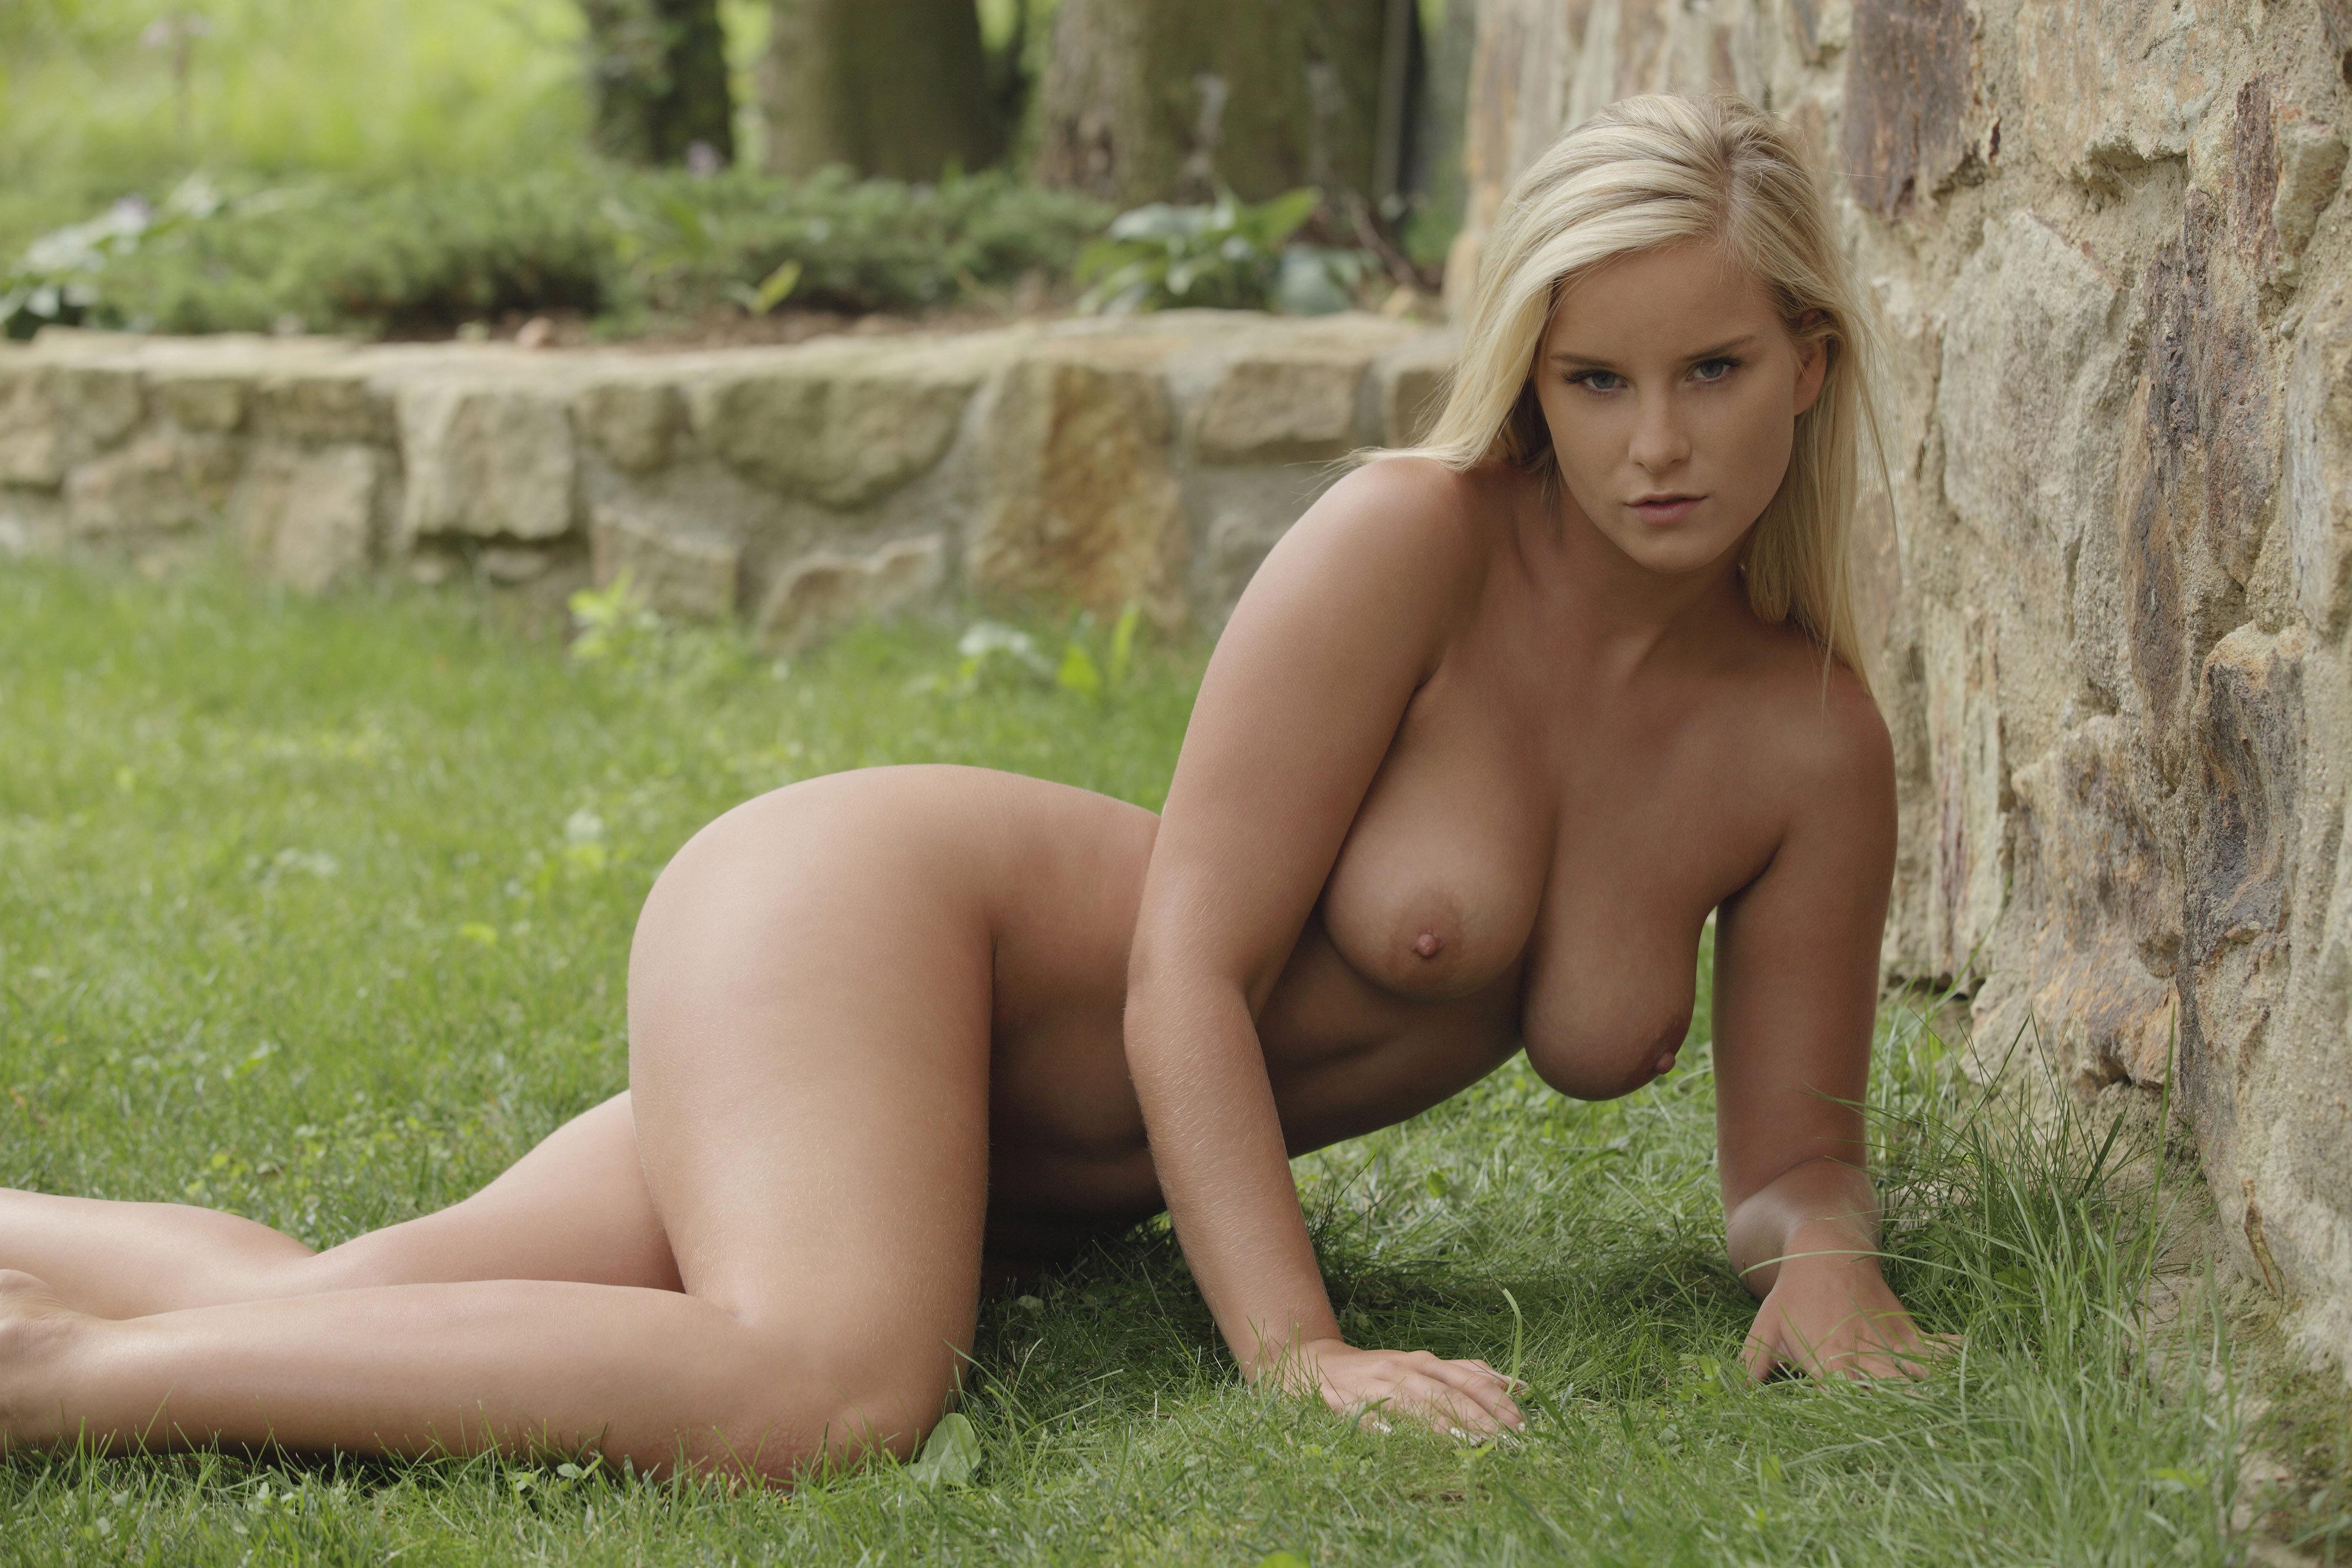 Фото голых юных девушок 15 фотография